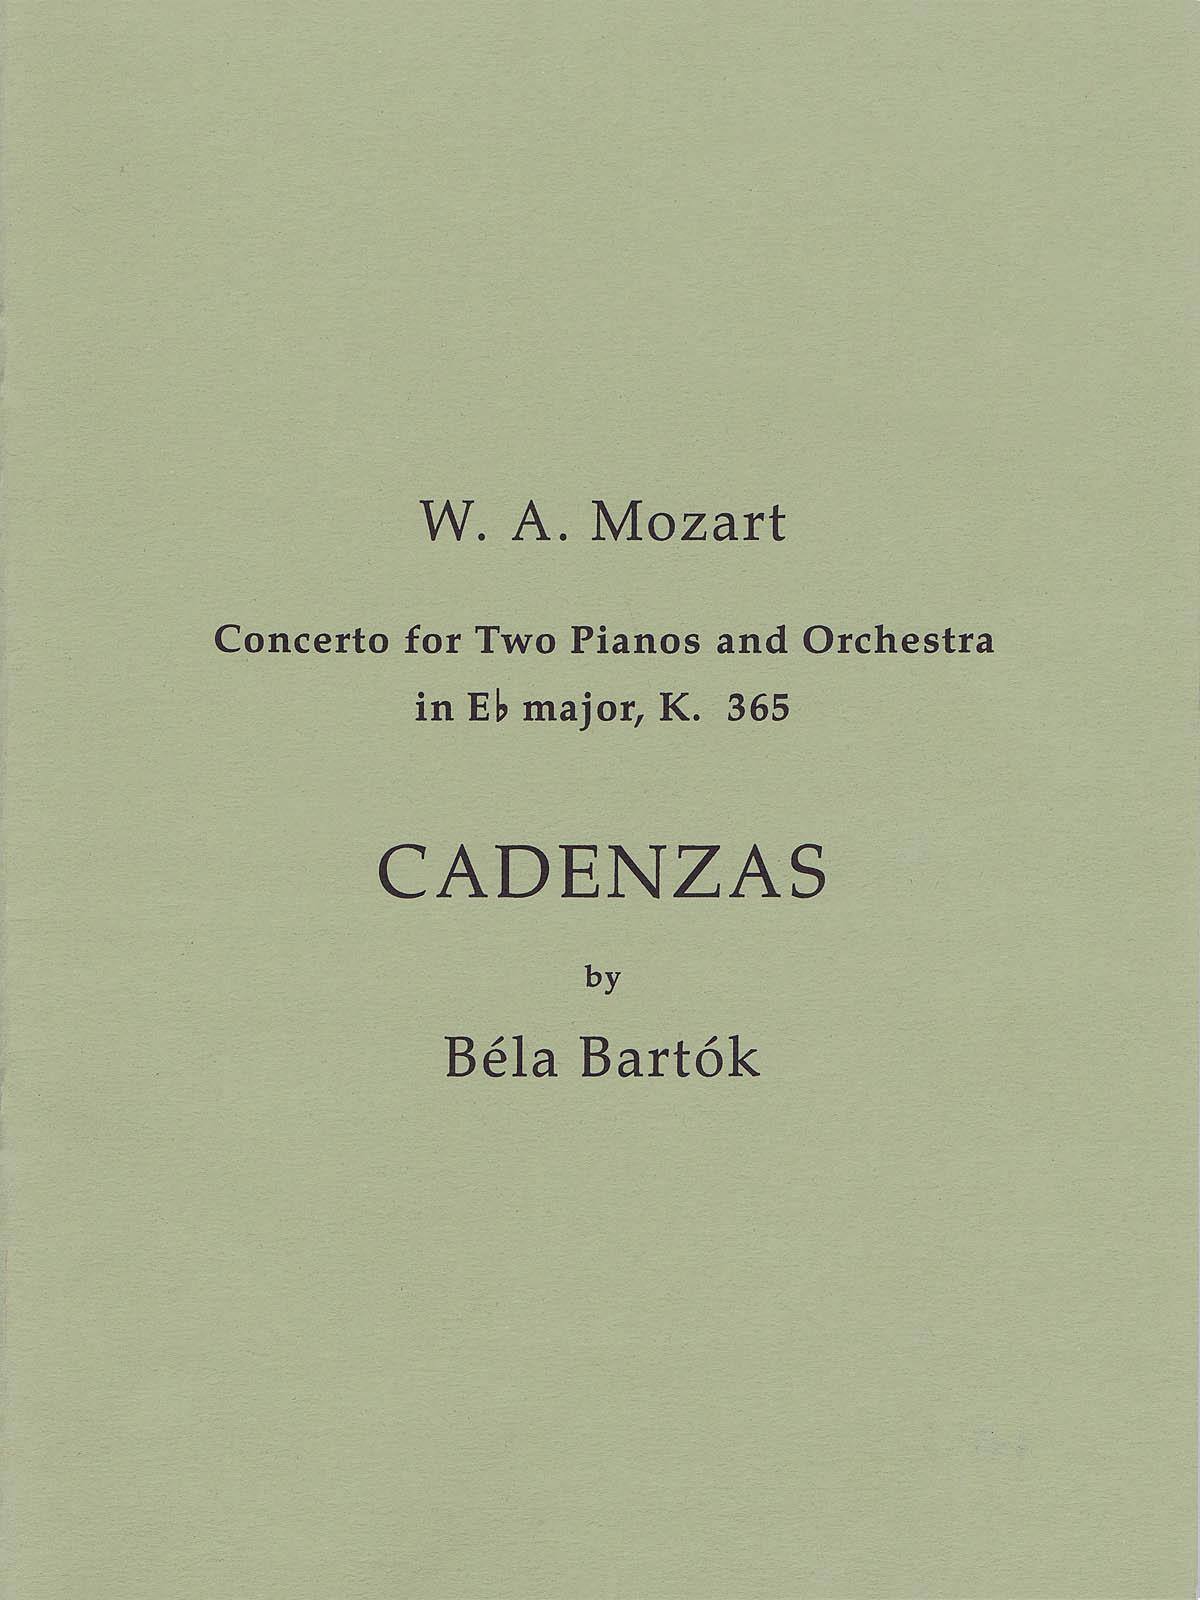 Béla Bartók: Cadenzas to Mozart